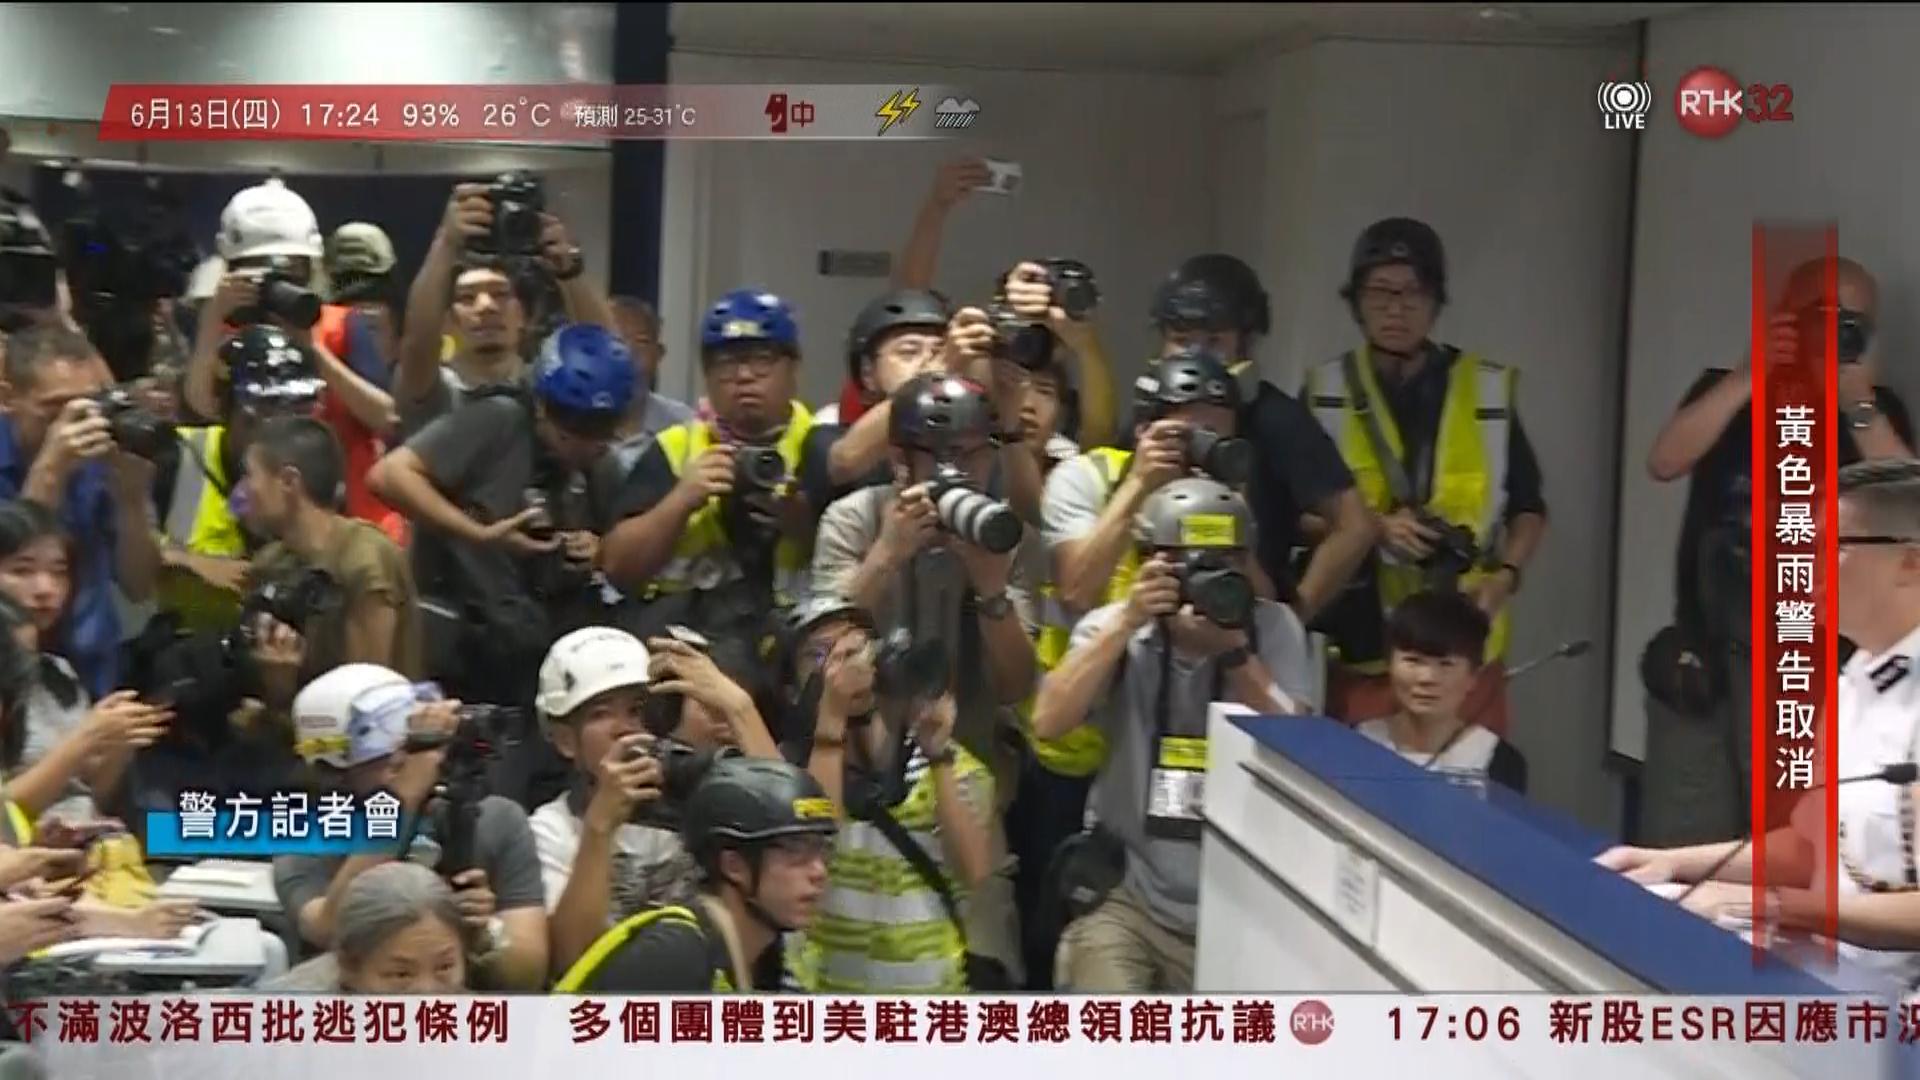 「香港记者戴头盔」的圖片搜尋結果